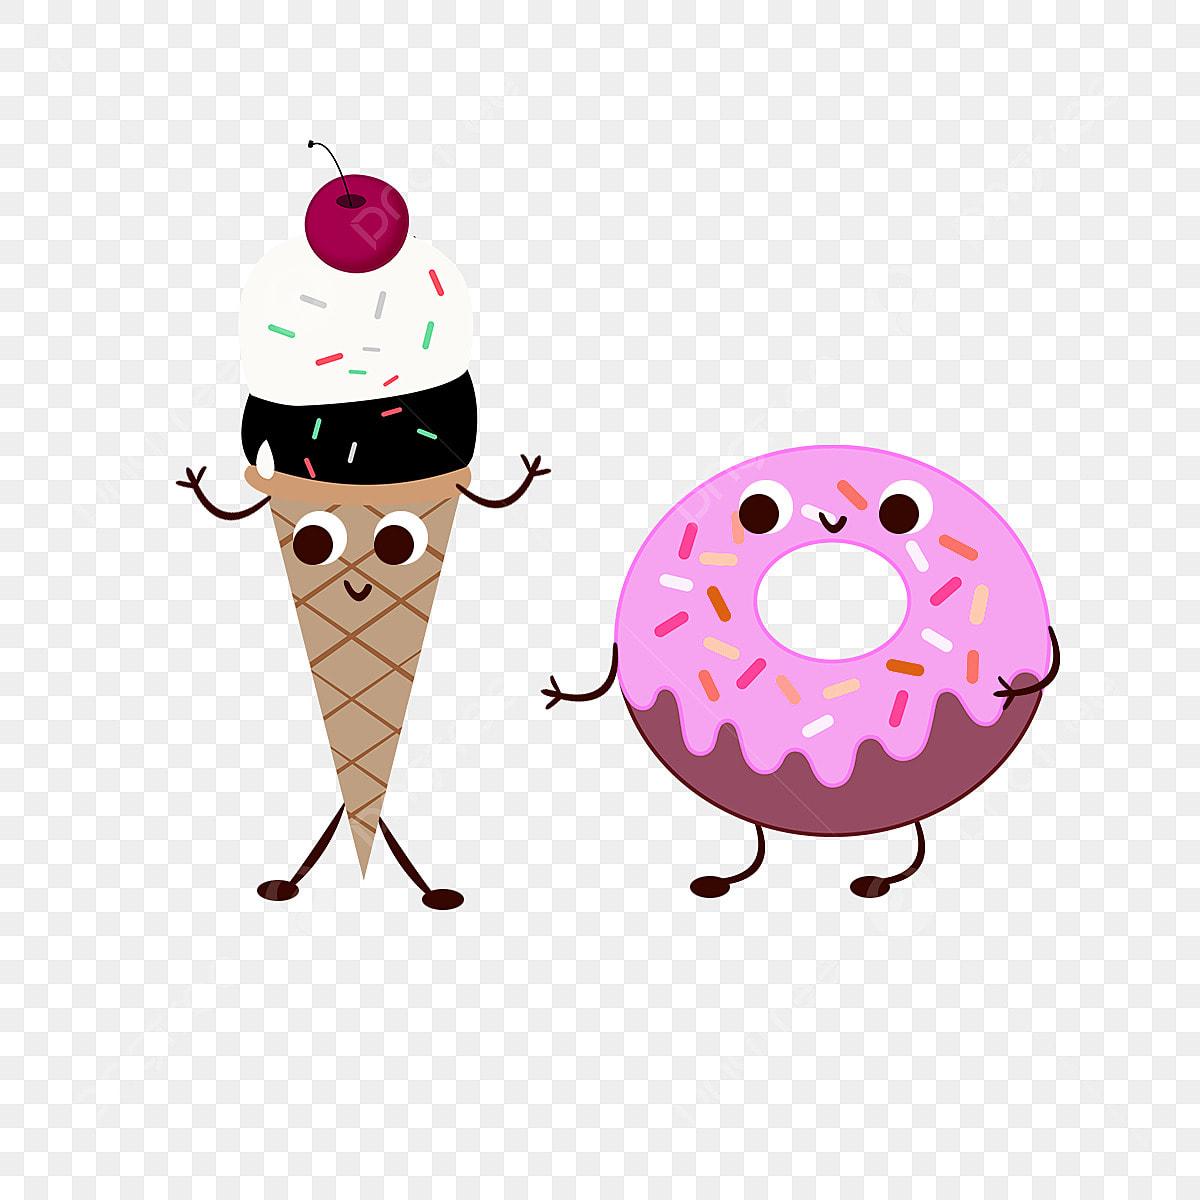 Joli Dessin La Personnification De La Glace De Donuts Elements